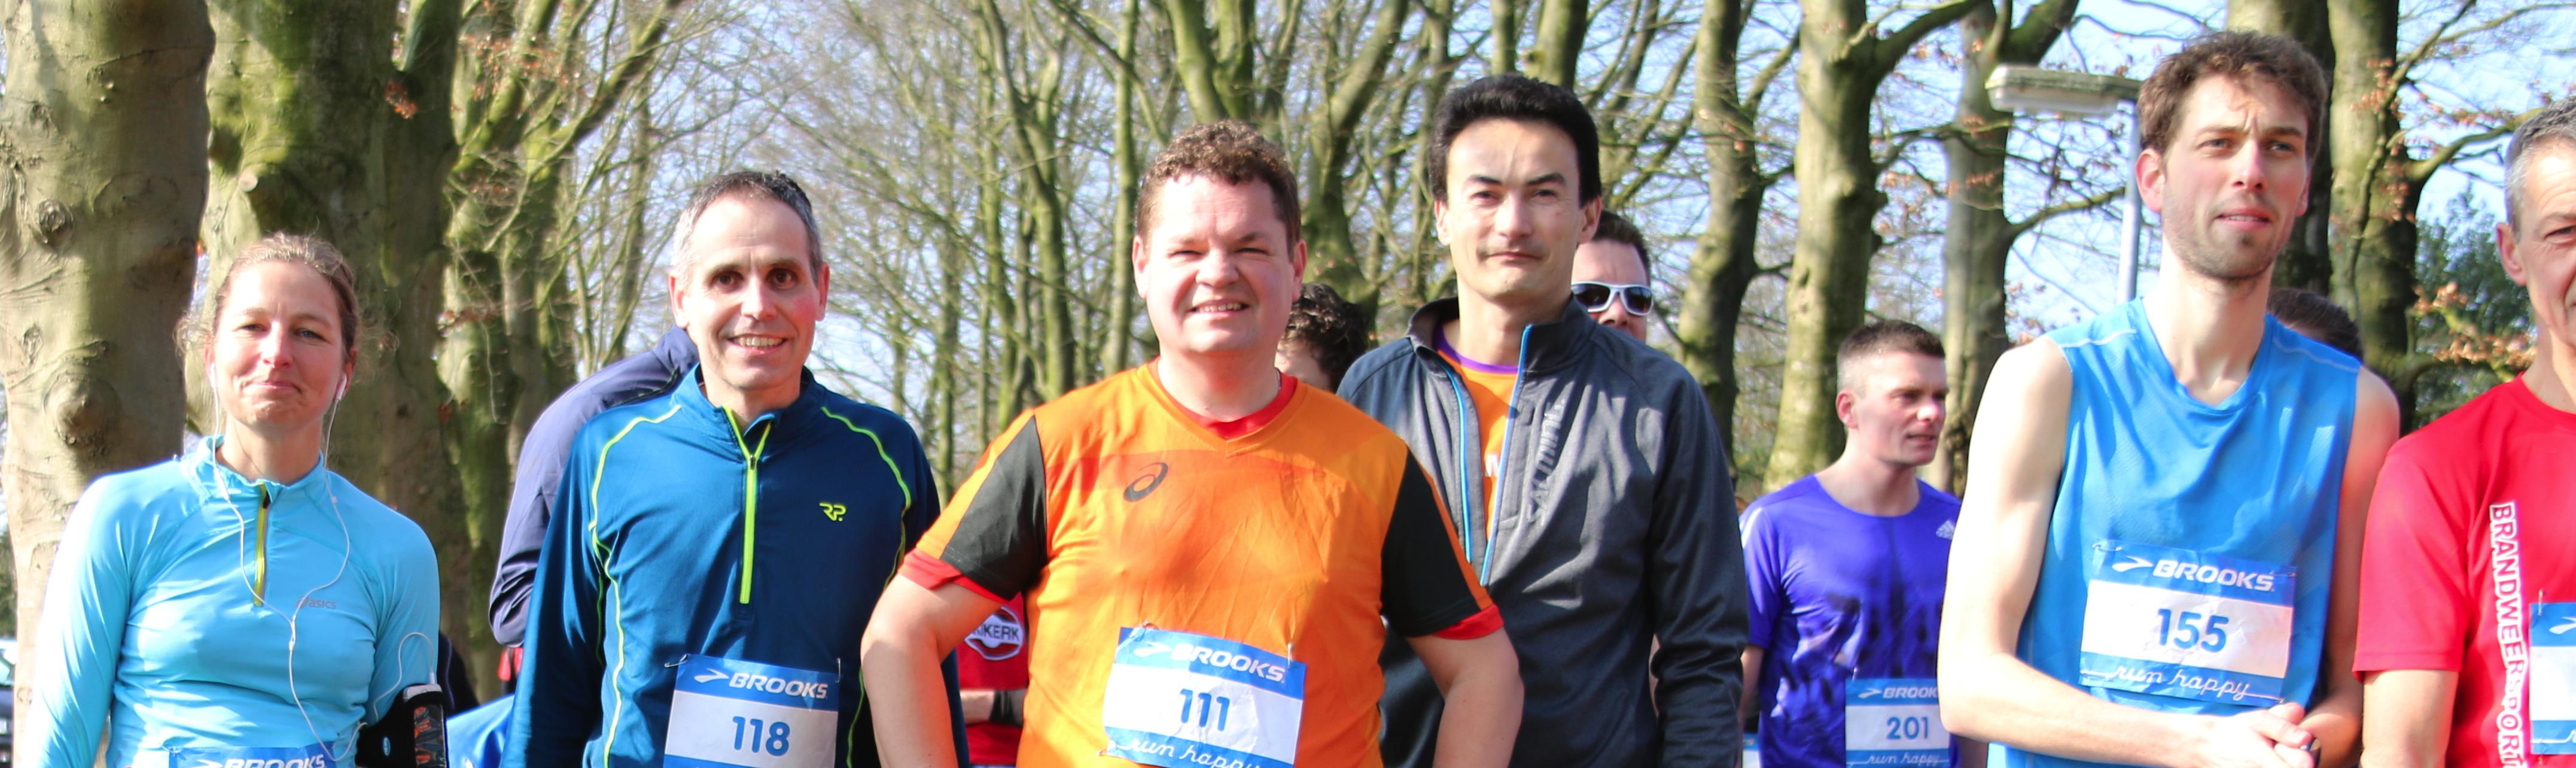 Loopgroep Amersfoort Run2day Runners